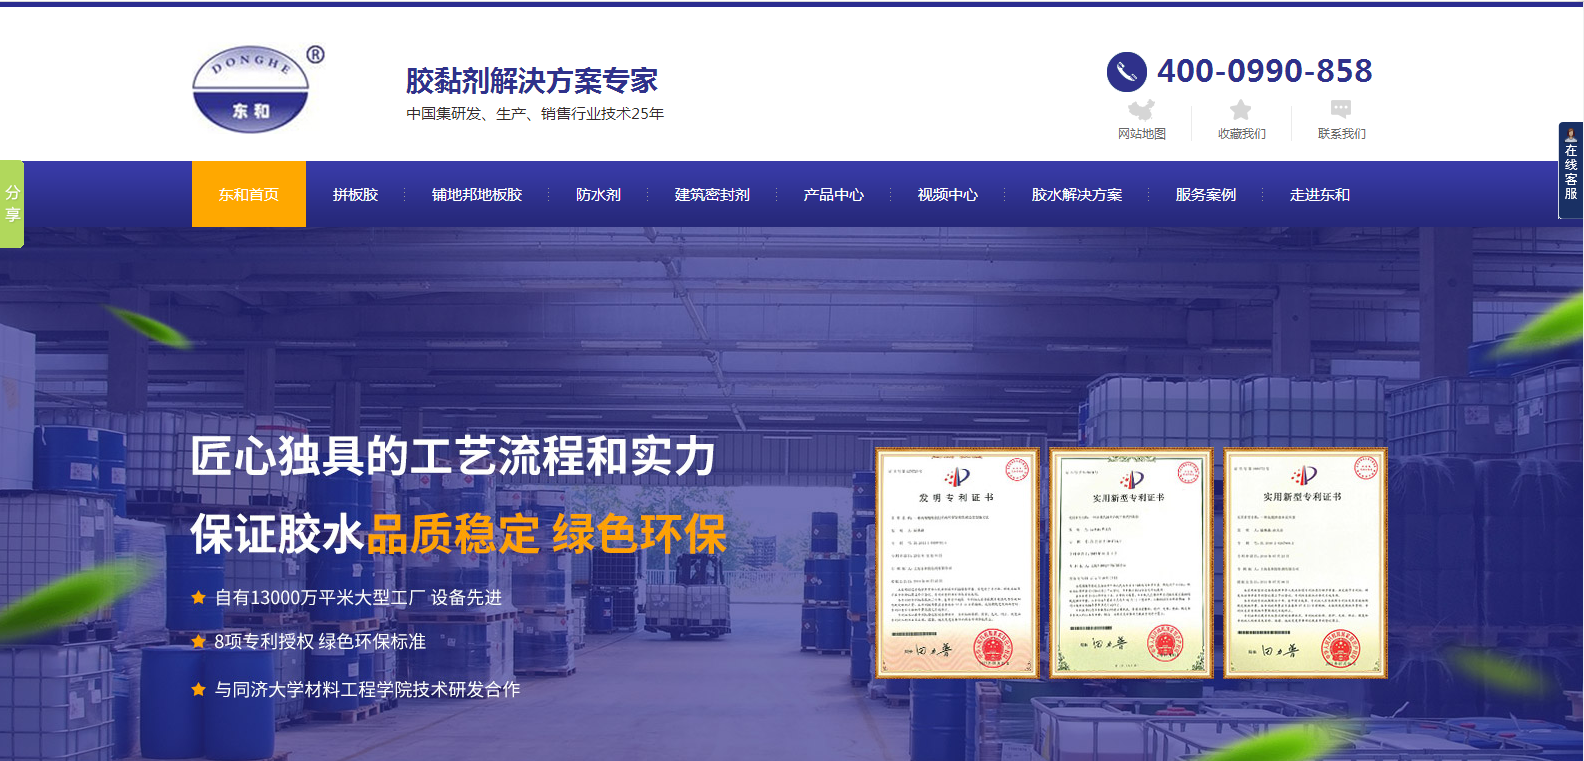 东和胶黏剂营销型网站案例